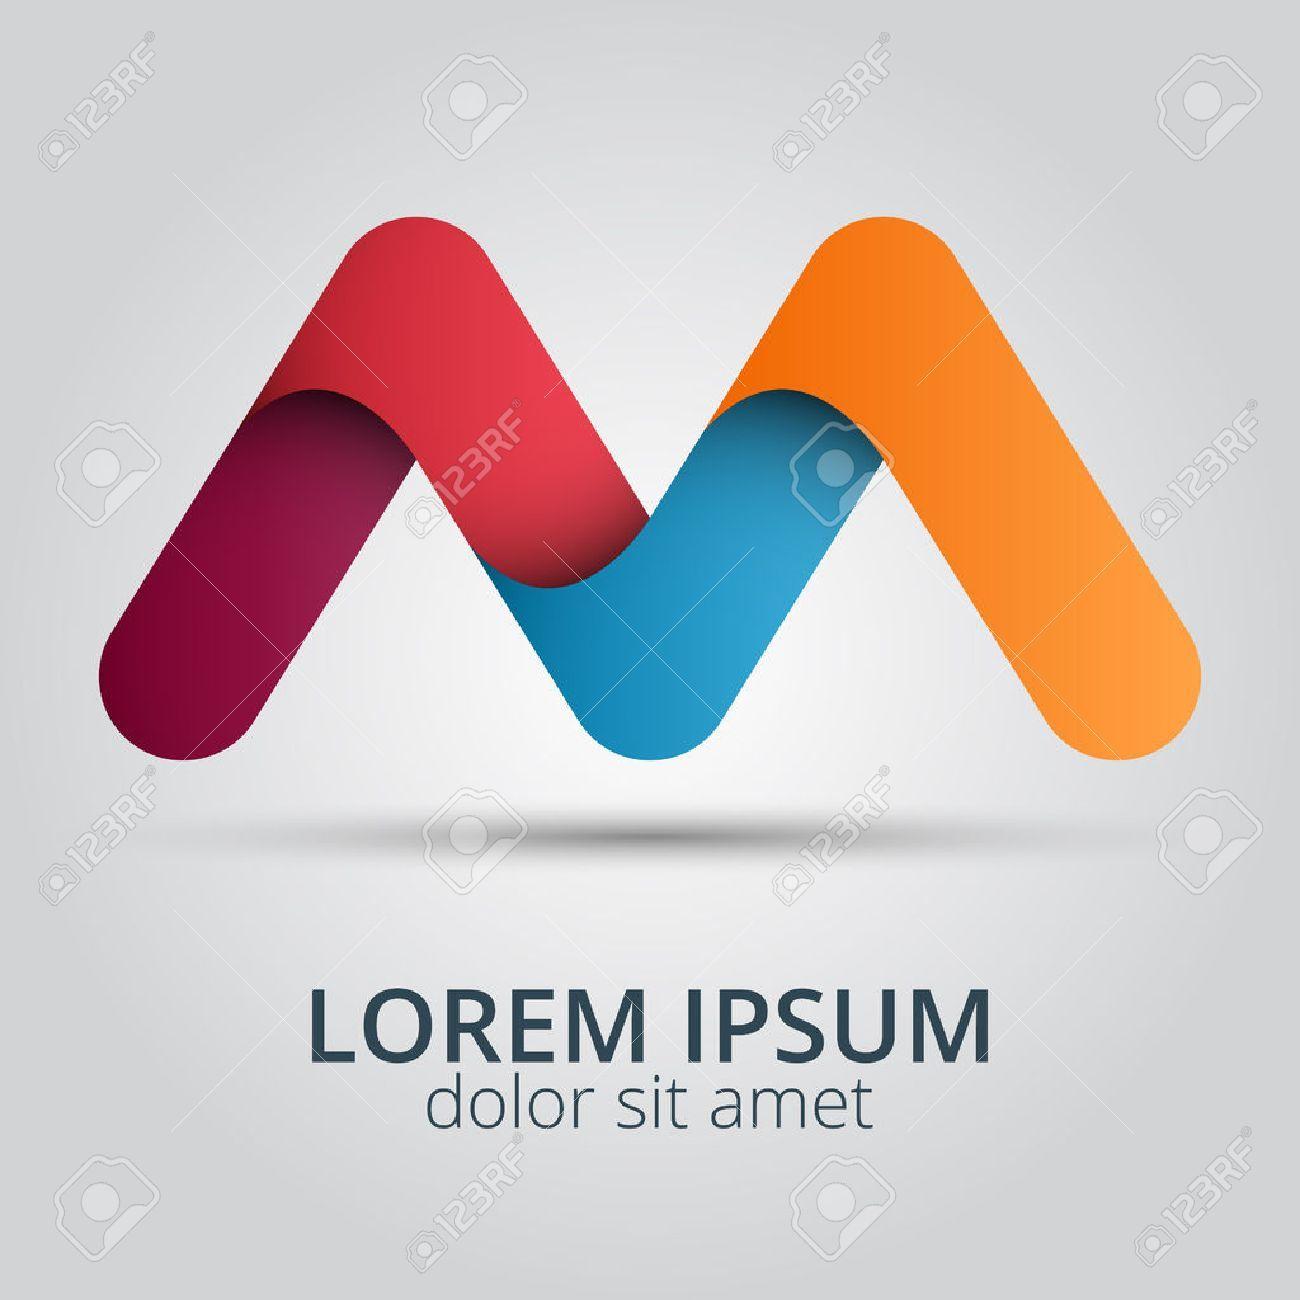 Letter M Logo Icon Design Template Elements Creative Design Icon Illustration Aff Icon Design Letter Logo Design Template Letter M Logo Icon Design